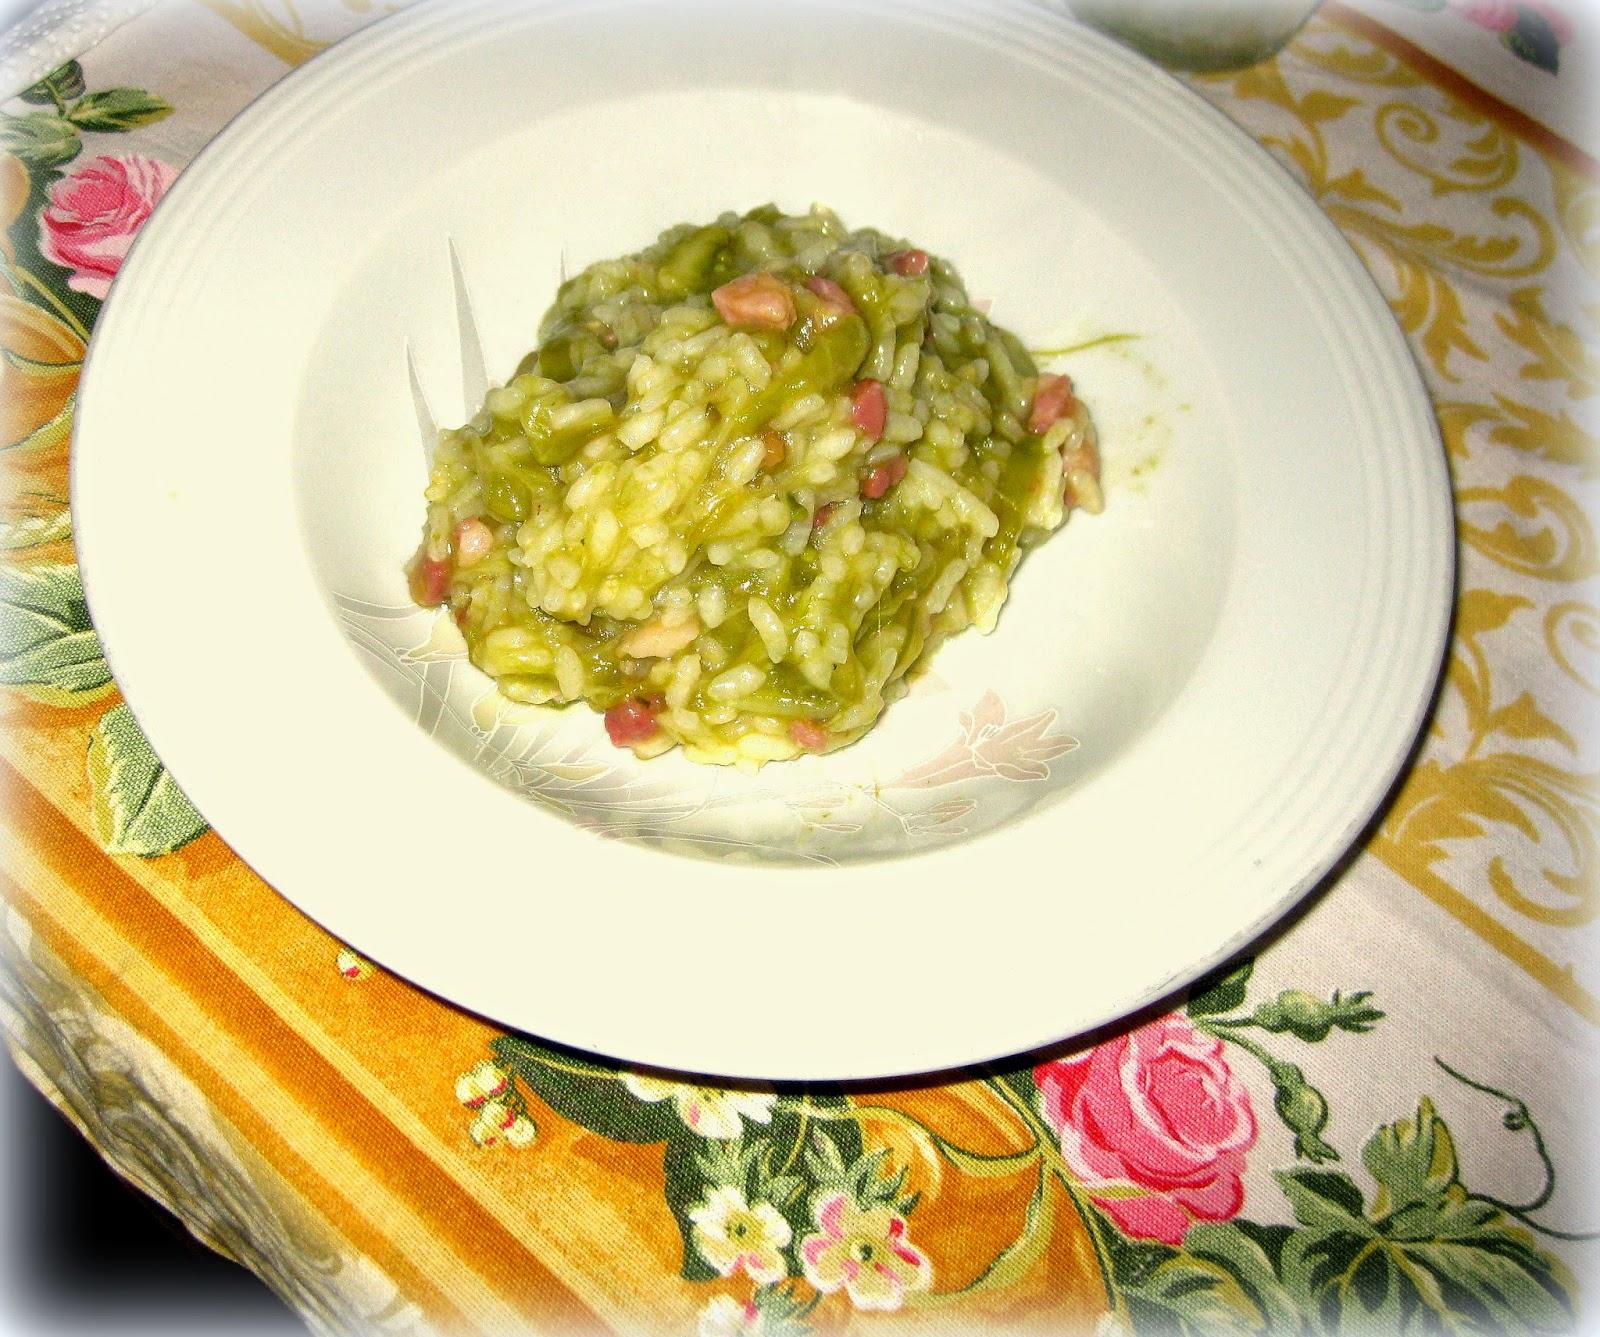 Ricetta di Risotto agli Asparagi Verdi arricchito con Pancetta affumicata, facile, veloce e buonissimo.